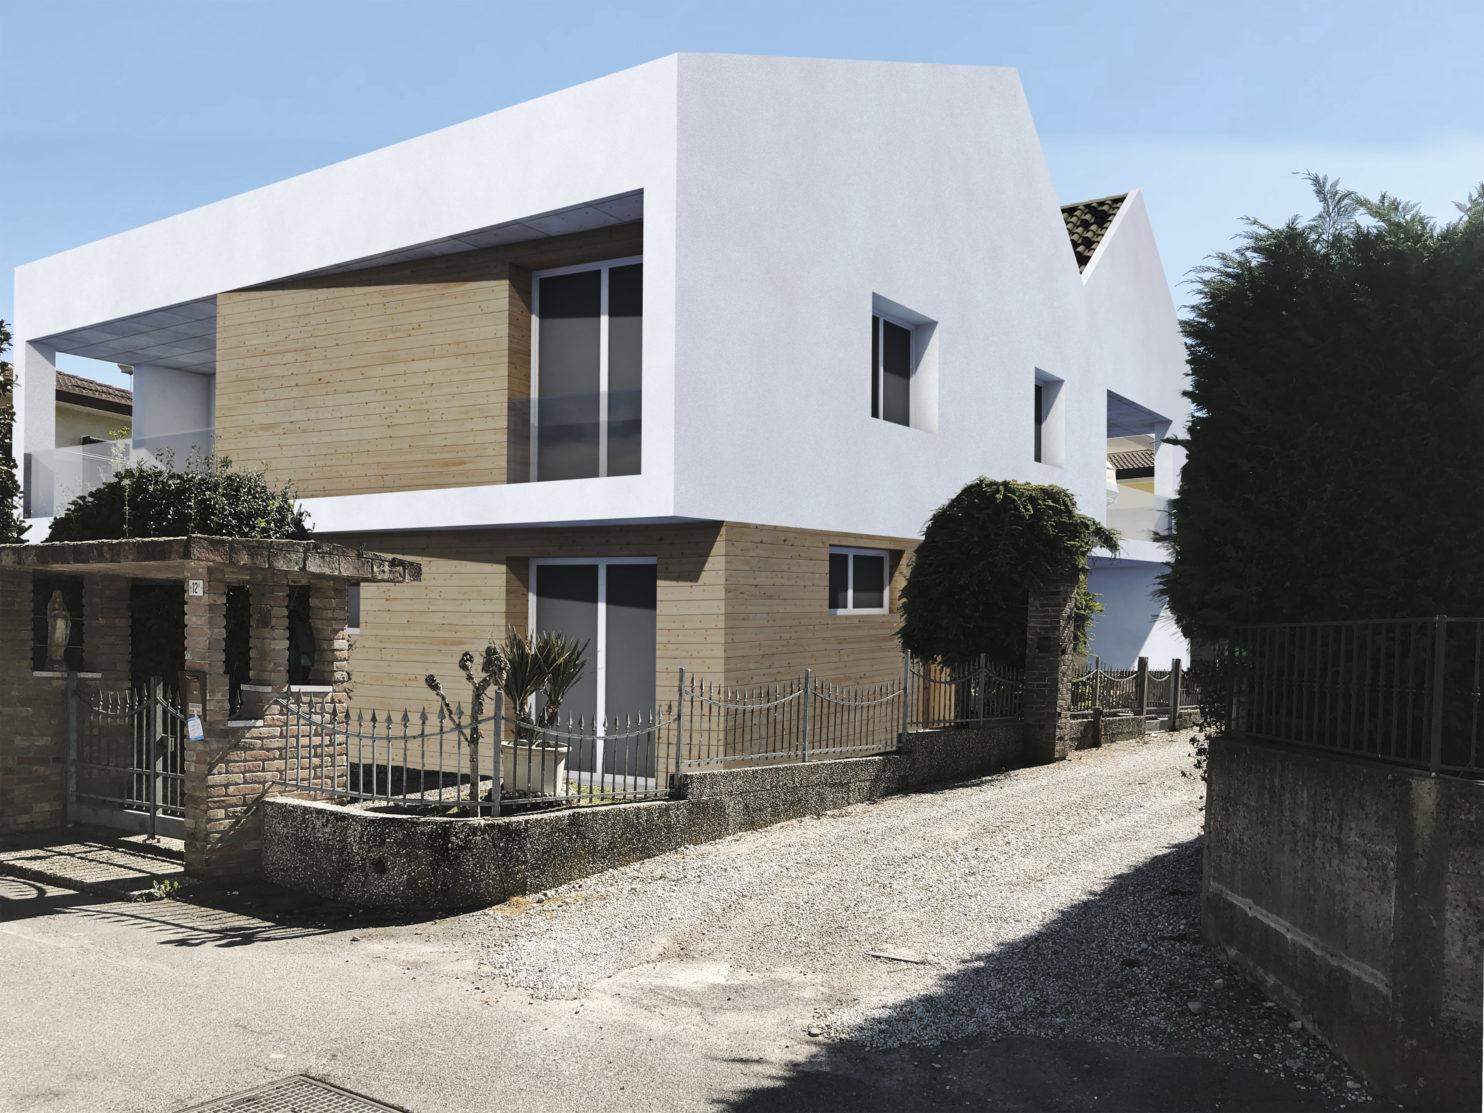 Progetto di ristrutturazione ed ampliamento trasformando una casa singola in trifamiliare a Vigonovo, Venezia